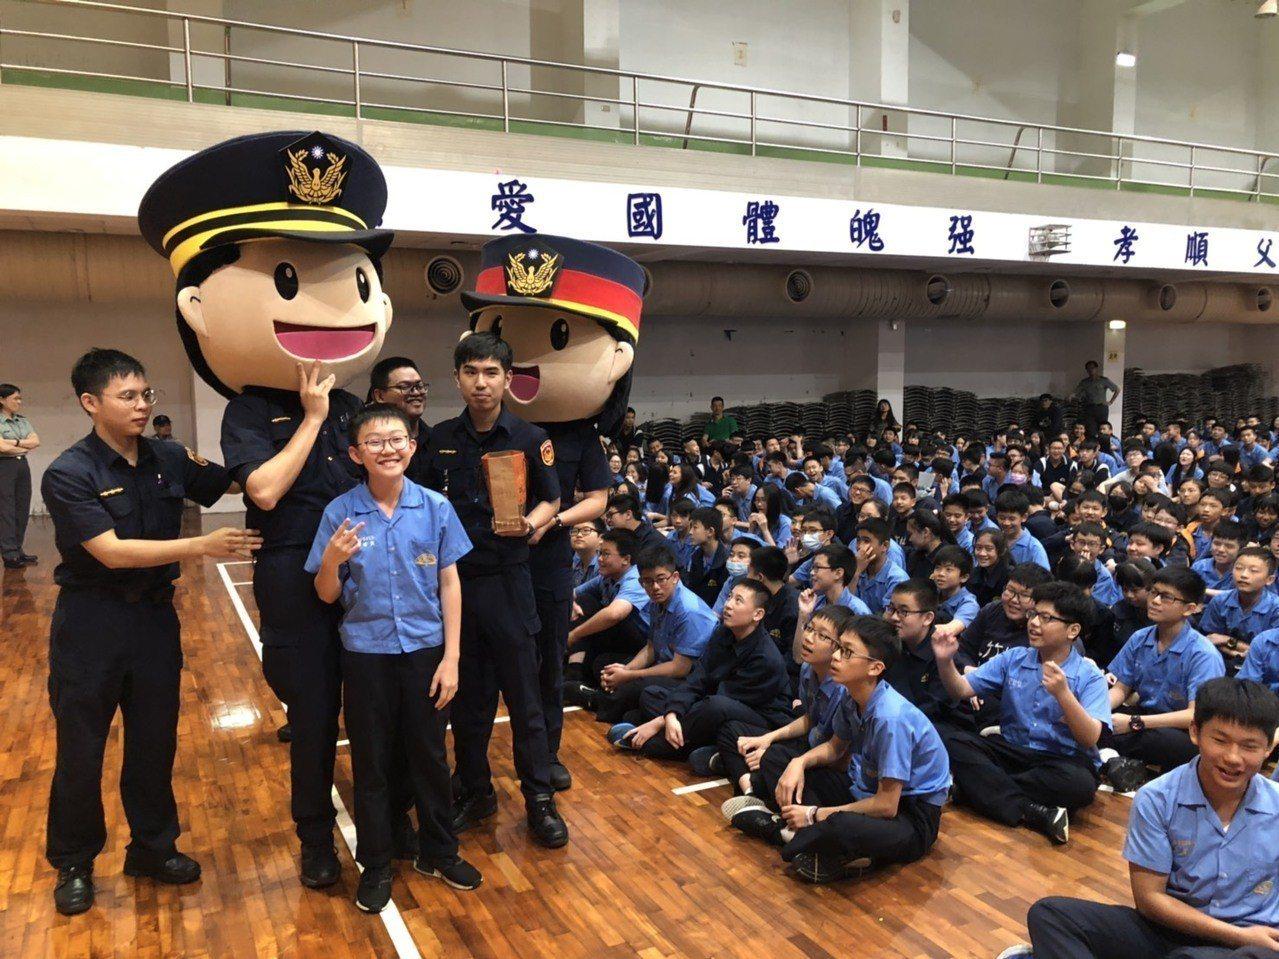 新北市中和警分局今天邀請藝人蘇哥哥、阿布、逸祥、瑪莉亞擔任主持人,在私立竹林中學...